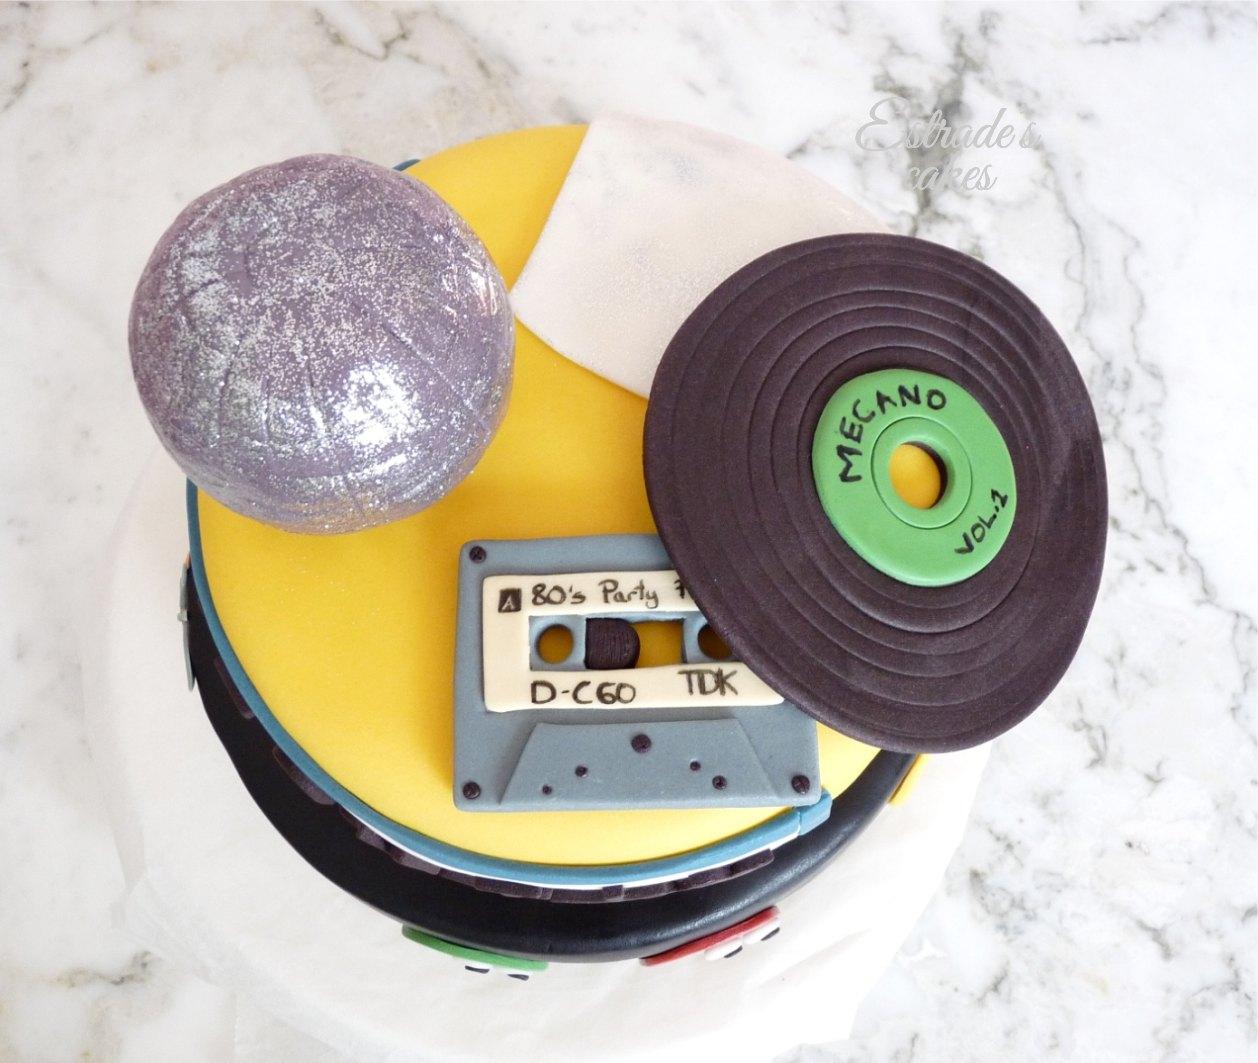 Estrade 39 s cakes una tarta muy de los a os 80 for Decoracion 80 anos ipuc